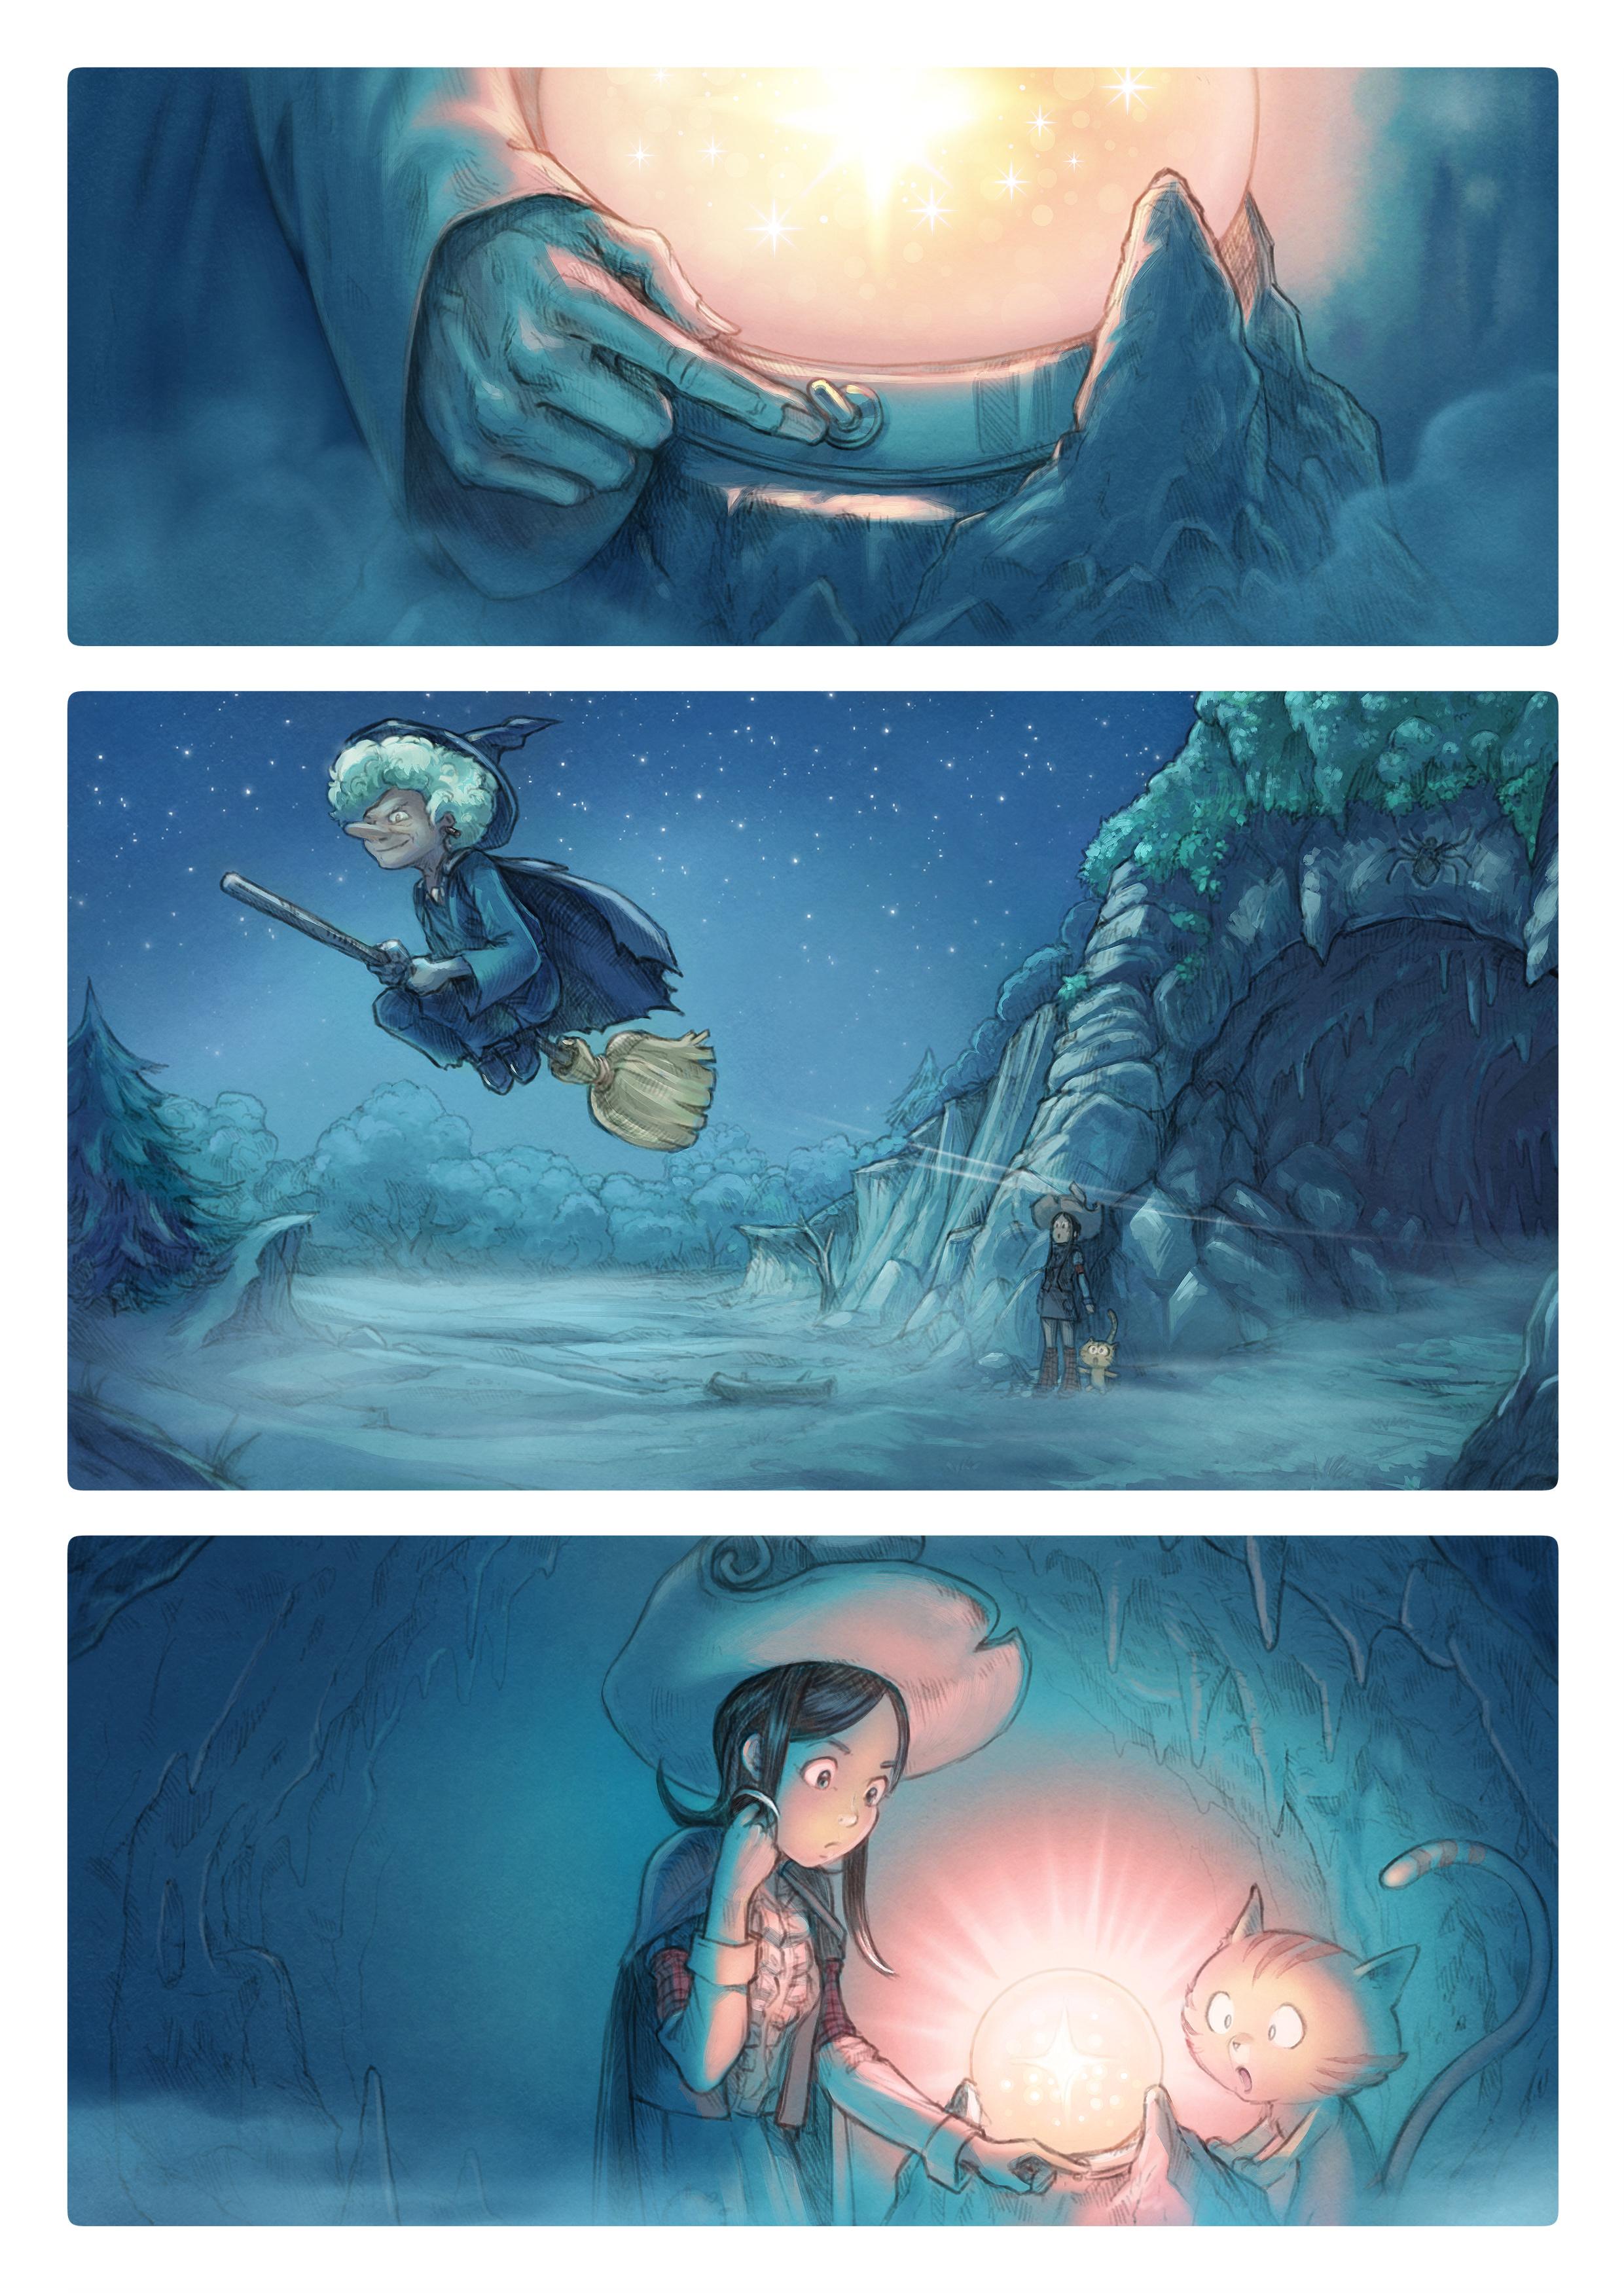 エピソード 15: 水晶玉, ページ 2